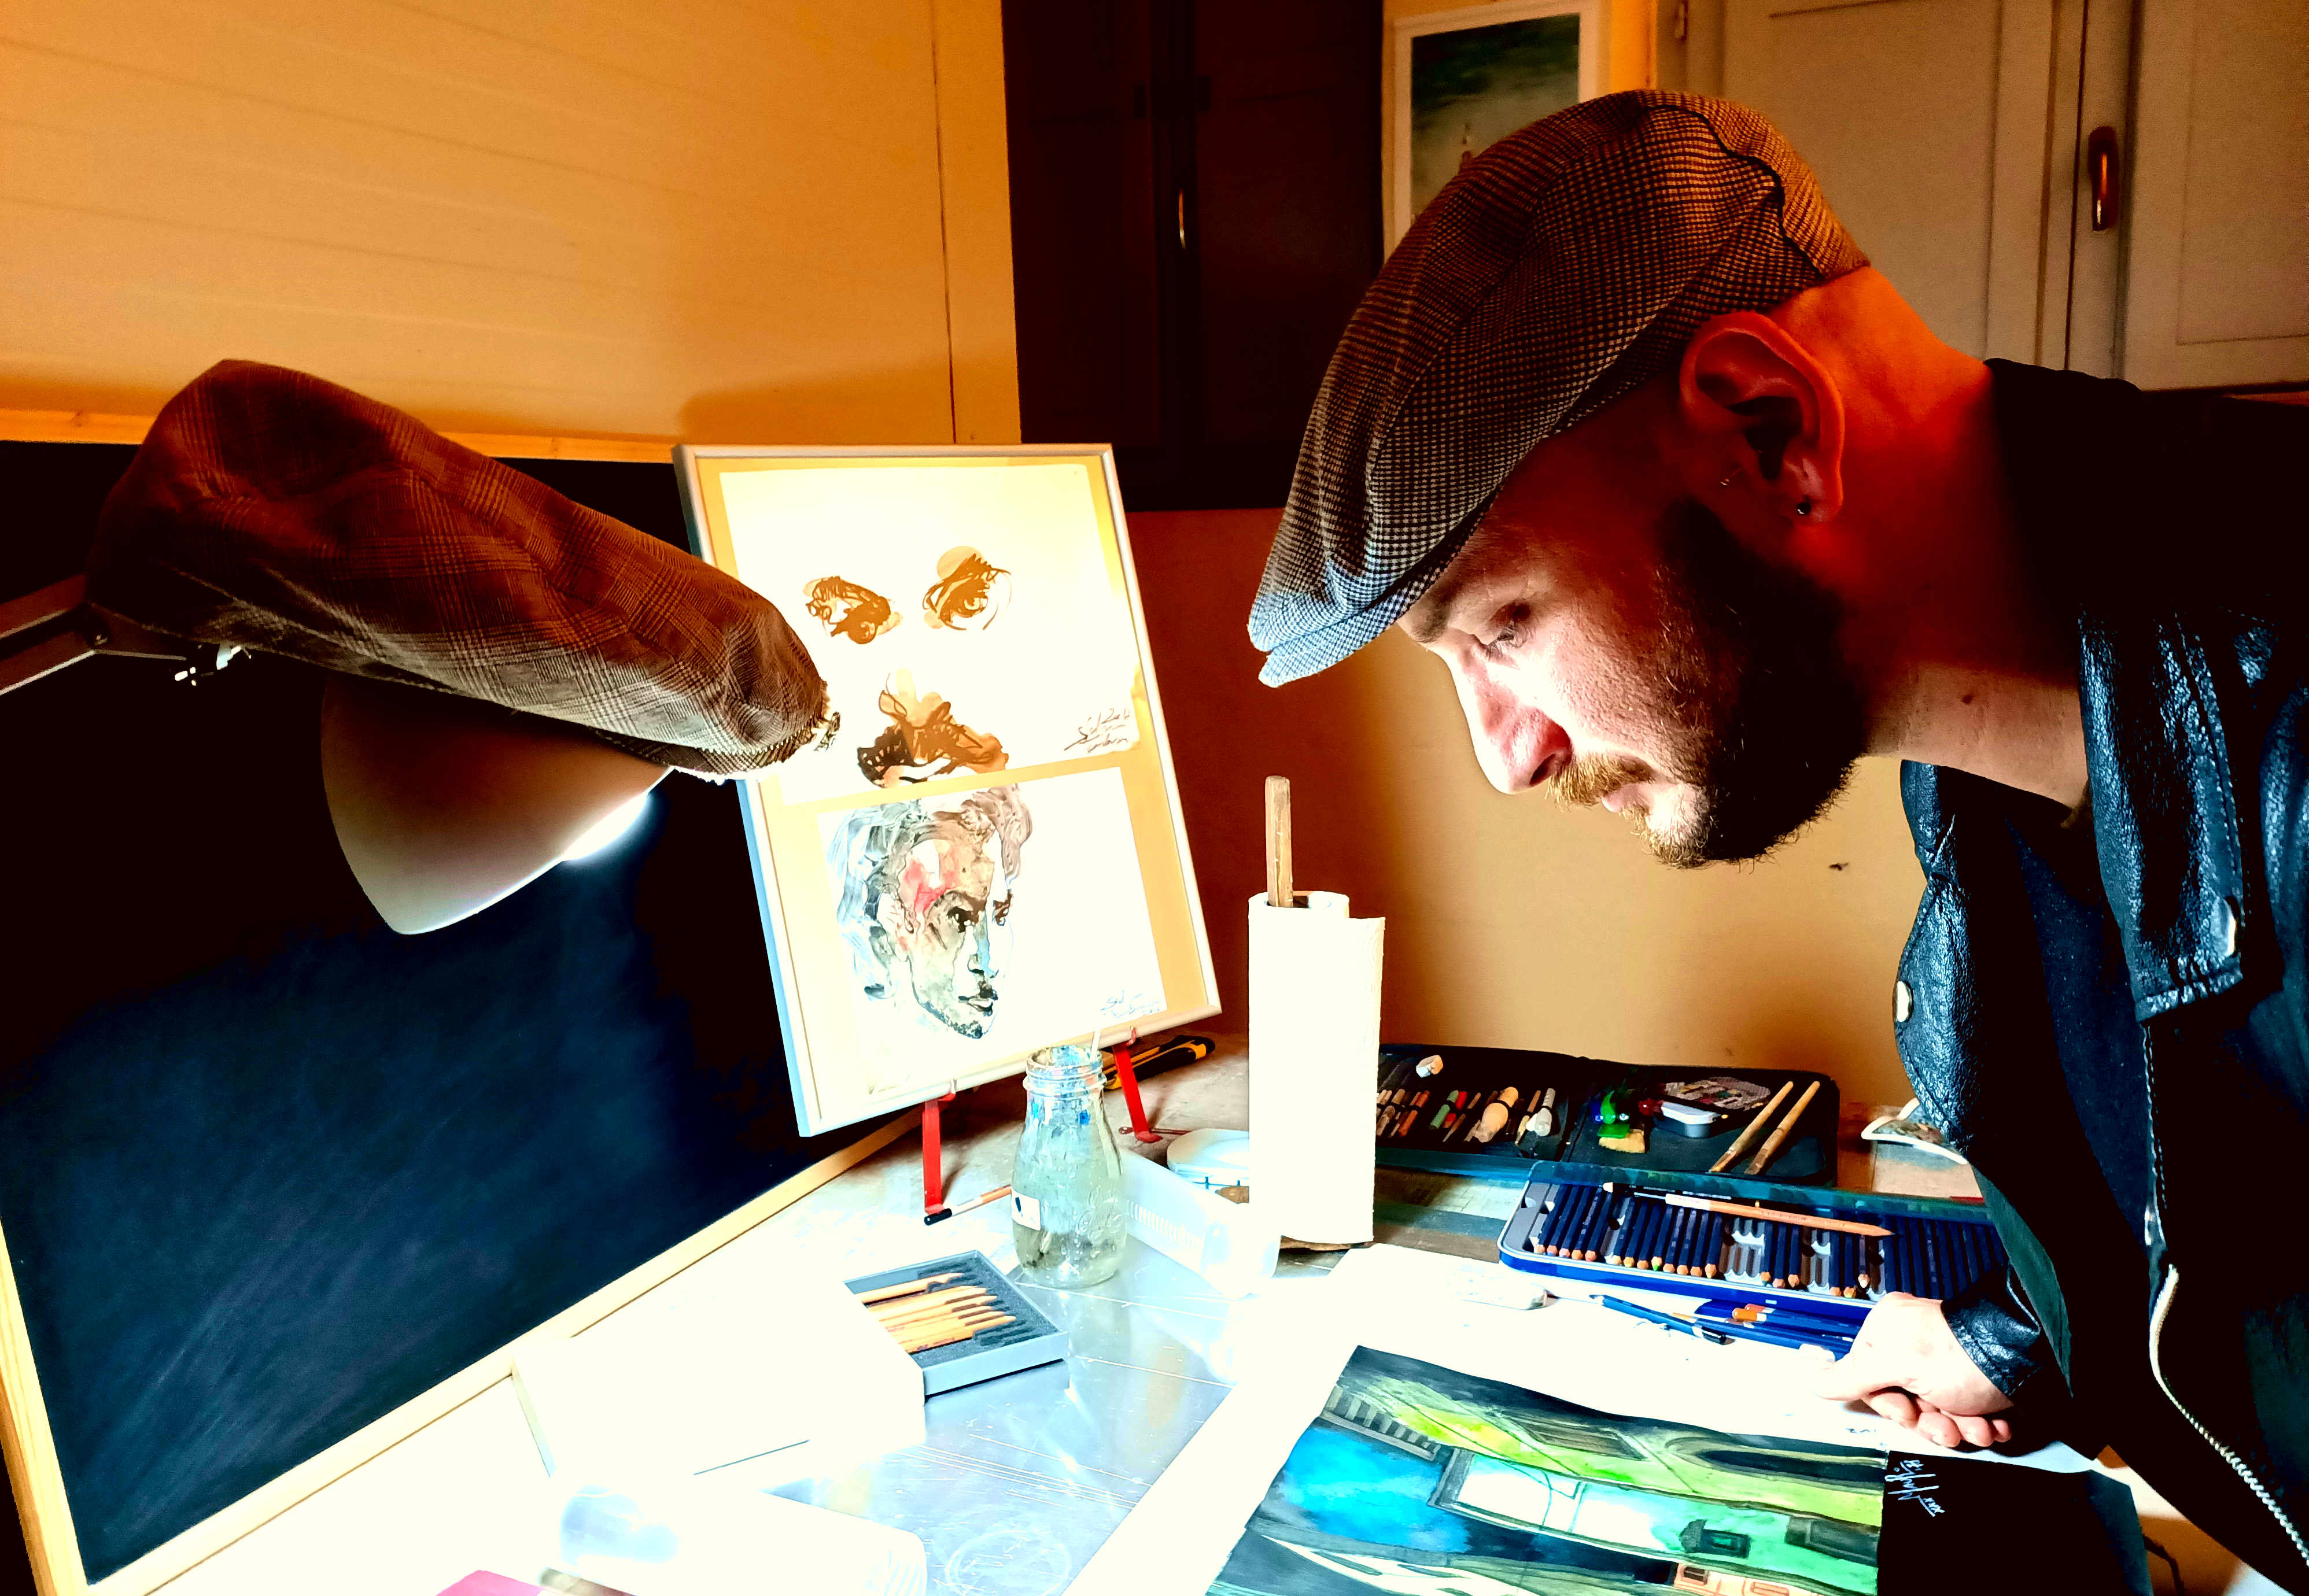 Mauro delle Favole - il punto di vista della luce è essenziale in un'opera d'arte, forse è per questo che anche la lampada indossa il berretto come Mauro